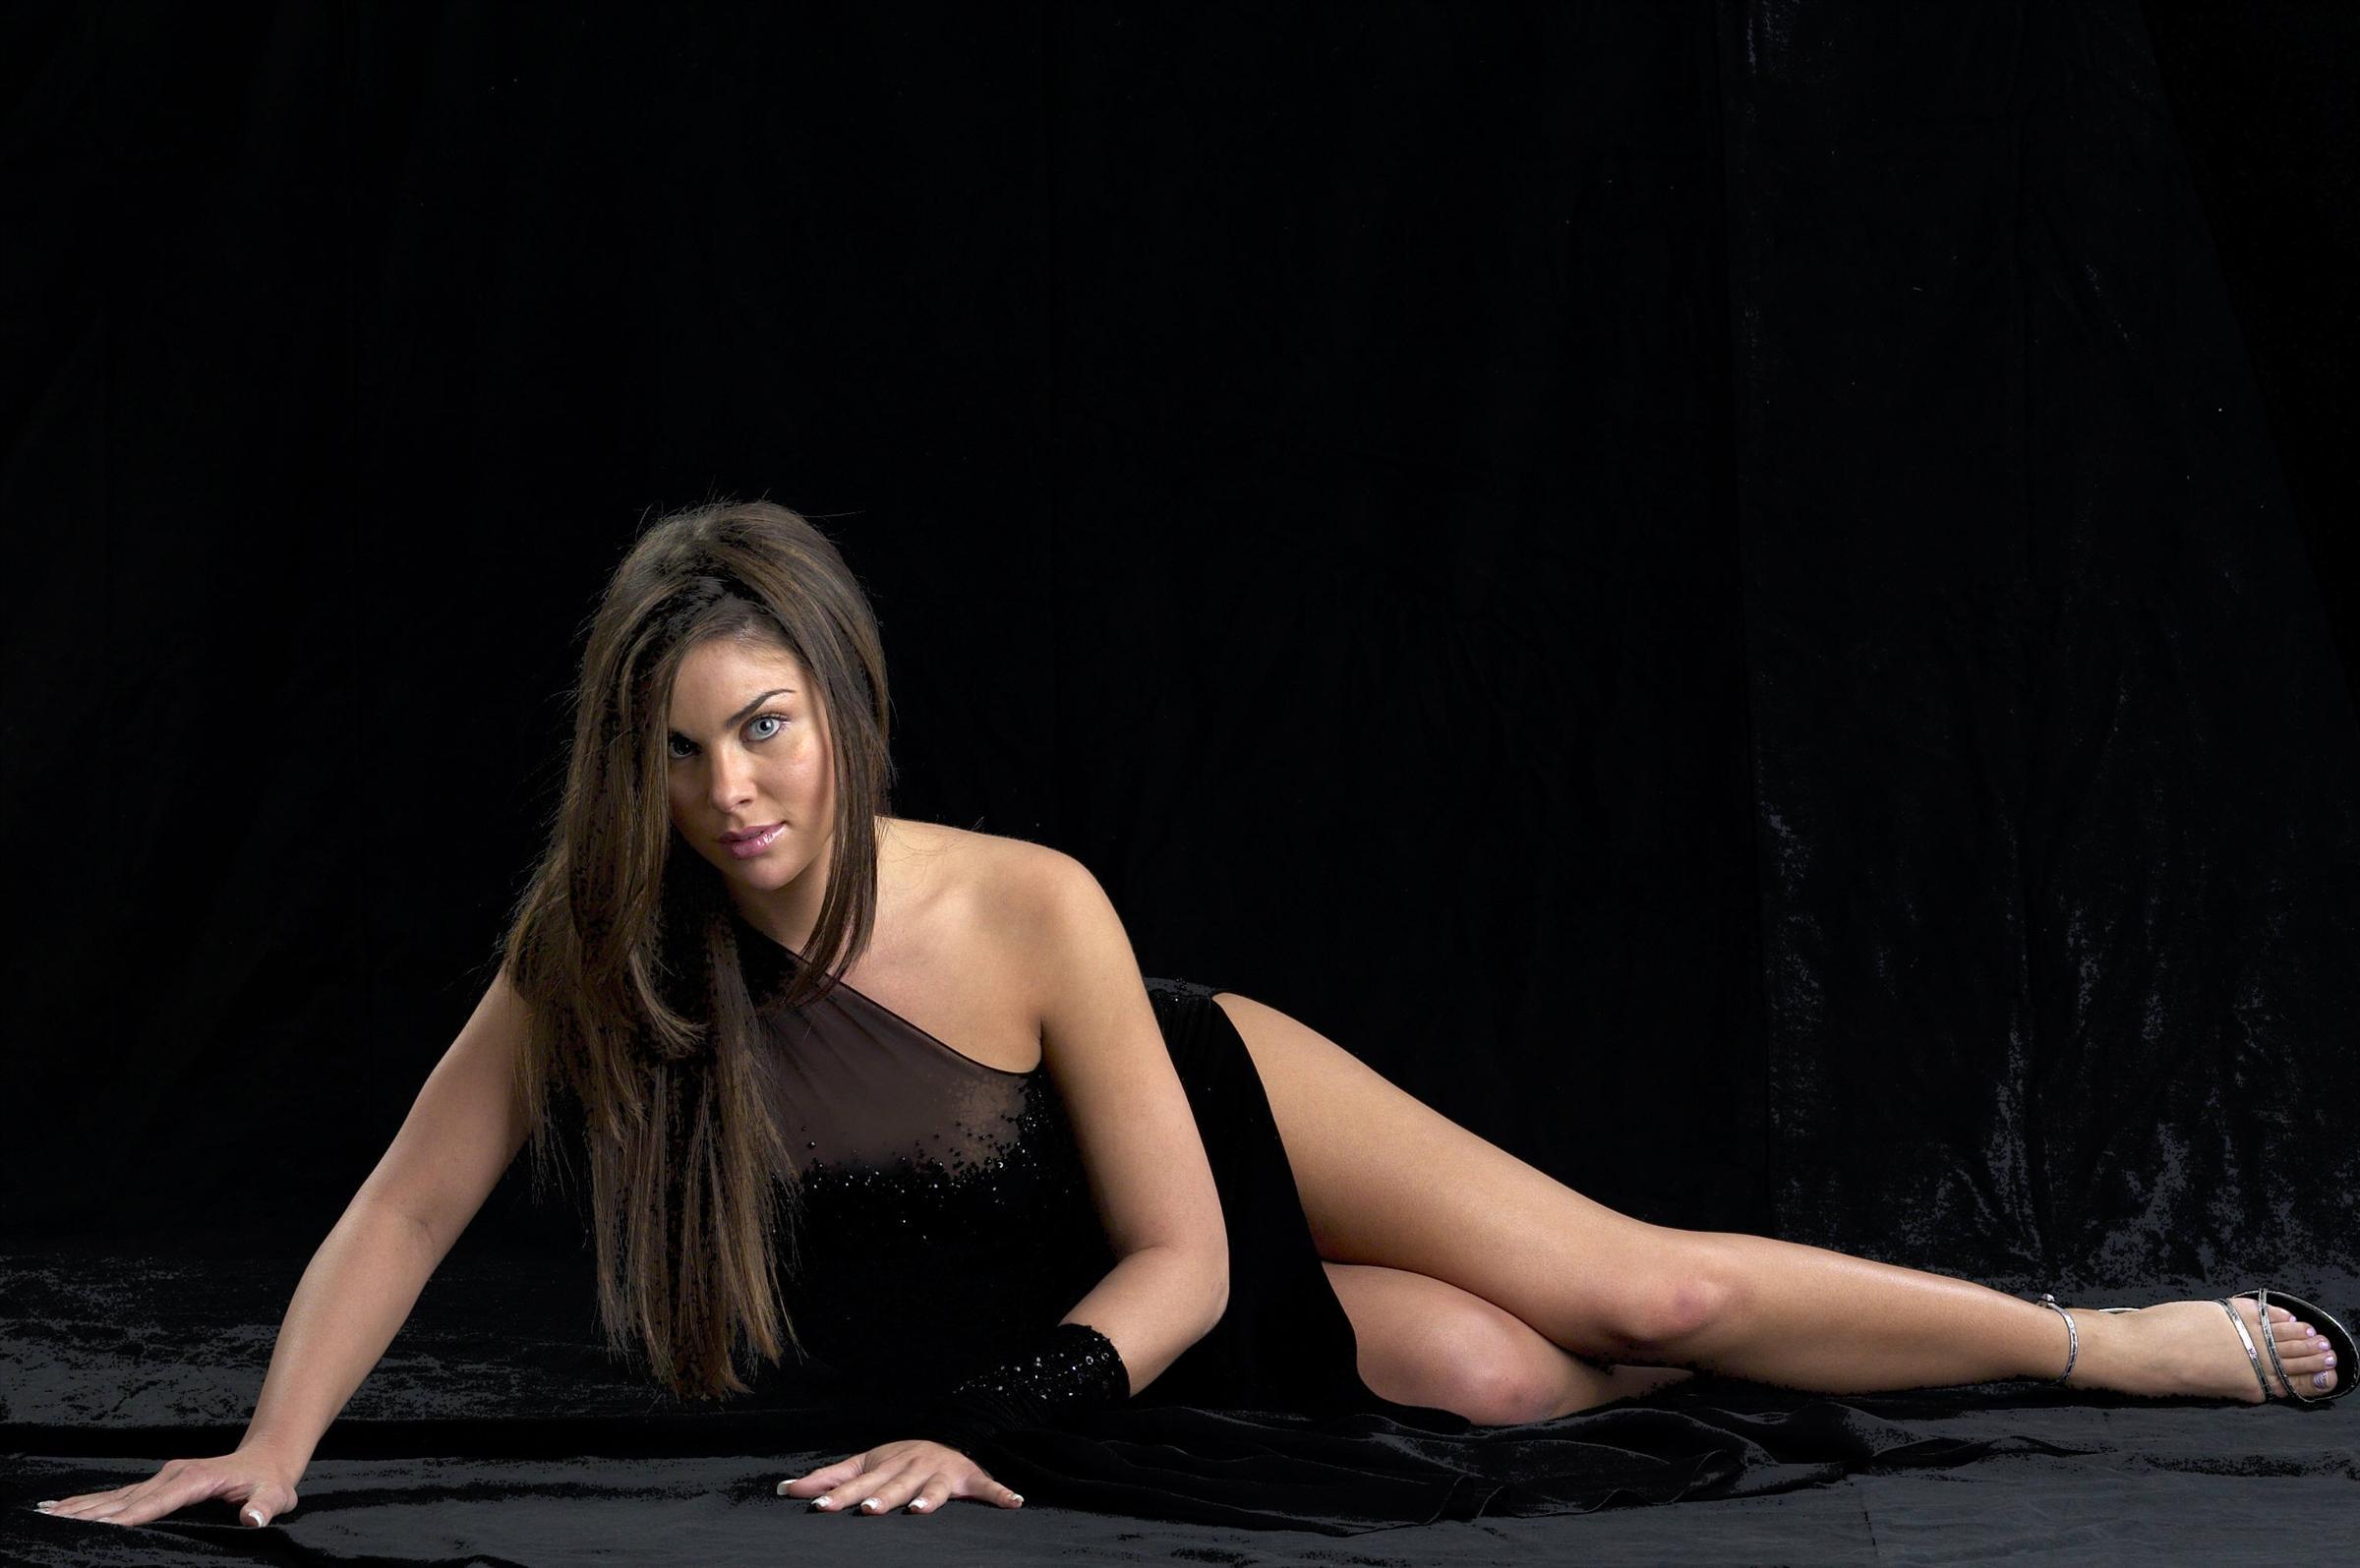 Fotofunia sex pron pics